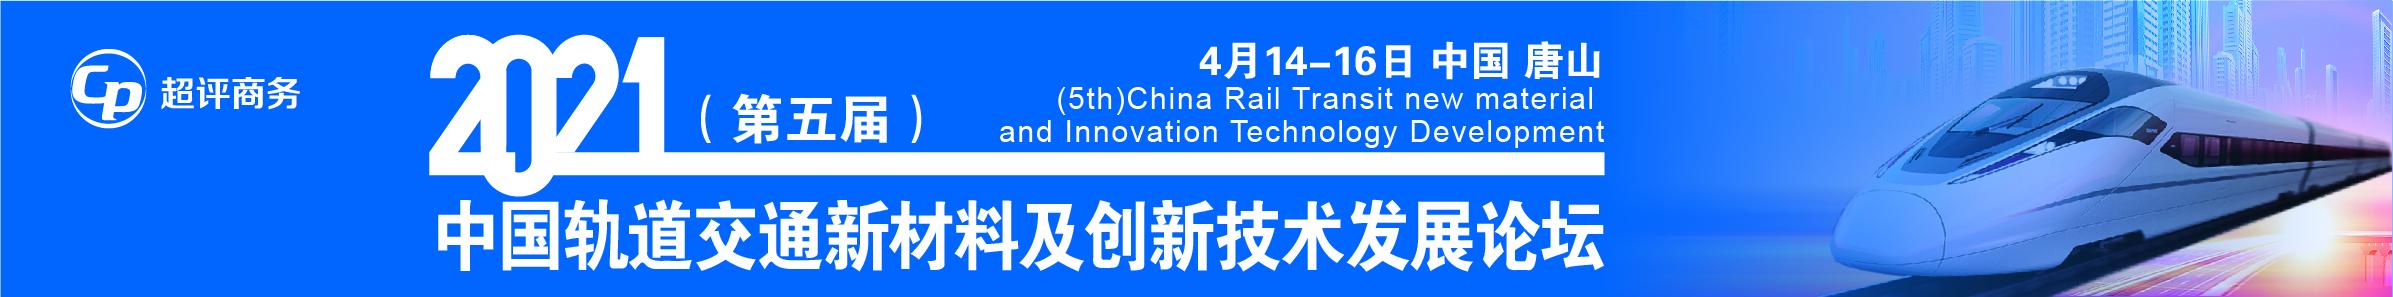 2021第五屆中國軌道交通新材料及創新技術發展論壇